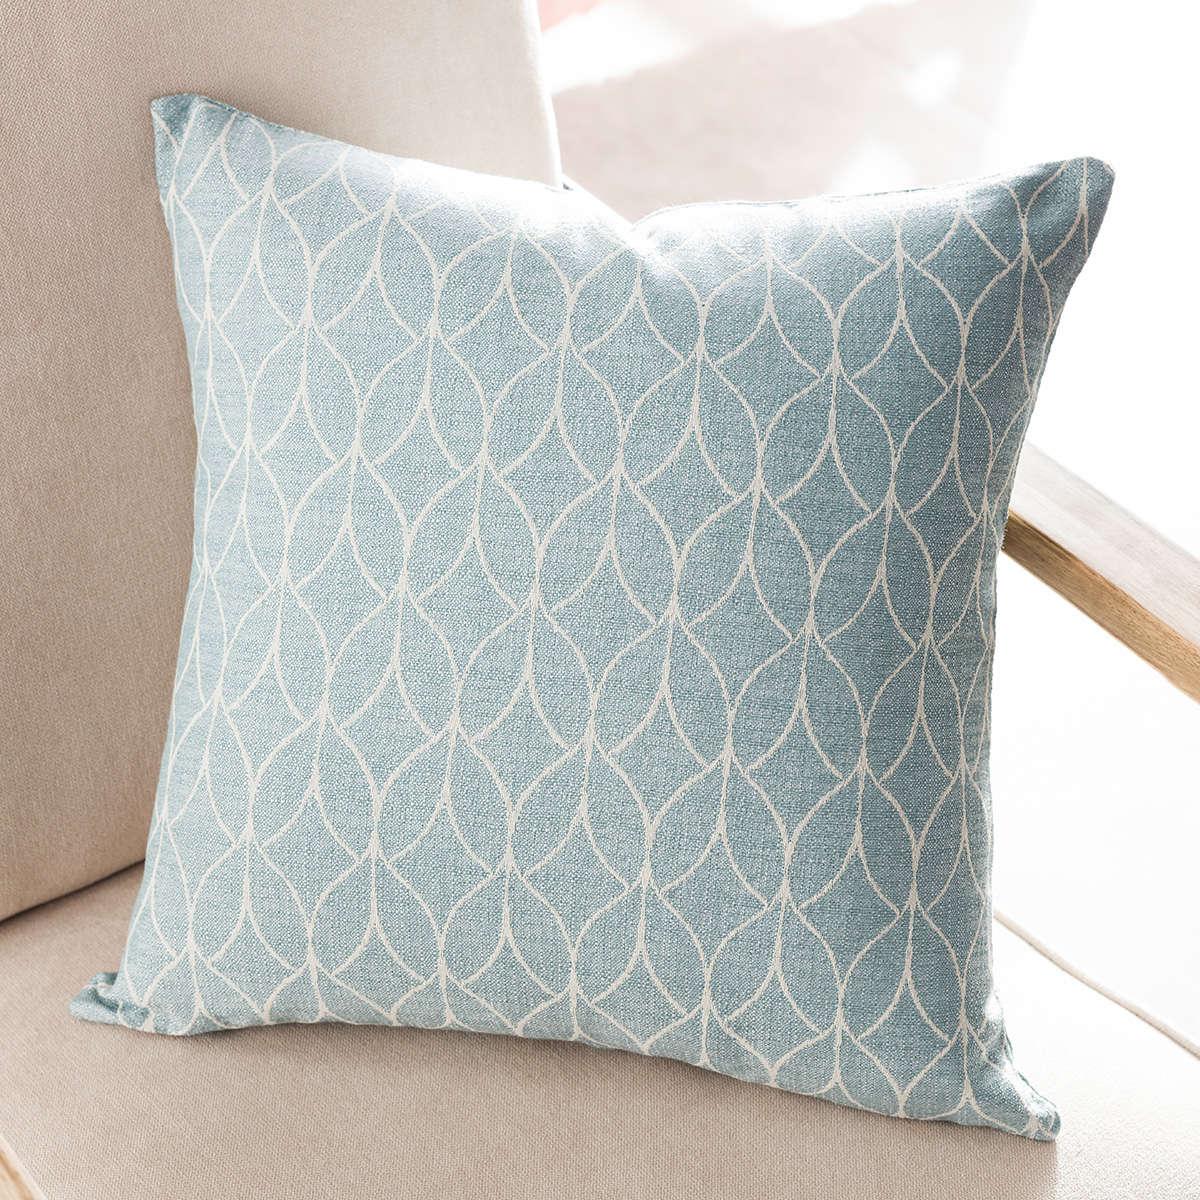 Μαξιλαροθήκη Διακοσμητική Lumien Aqua 517/11 Gofis Home 50X50 Βαμβάκι-Polyester